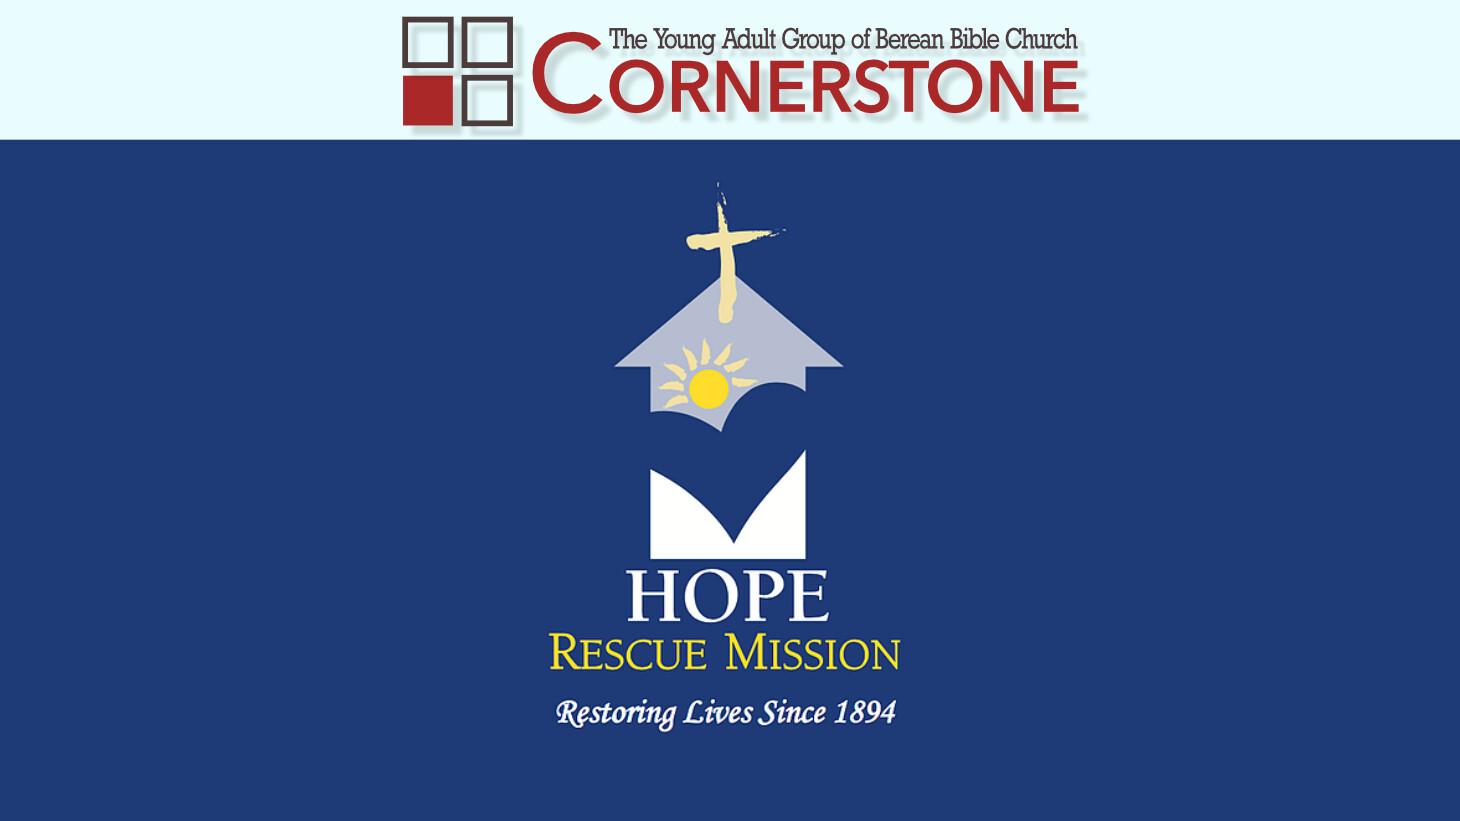 Cornerstone - Hope Rescue Mission